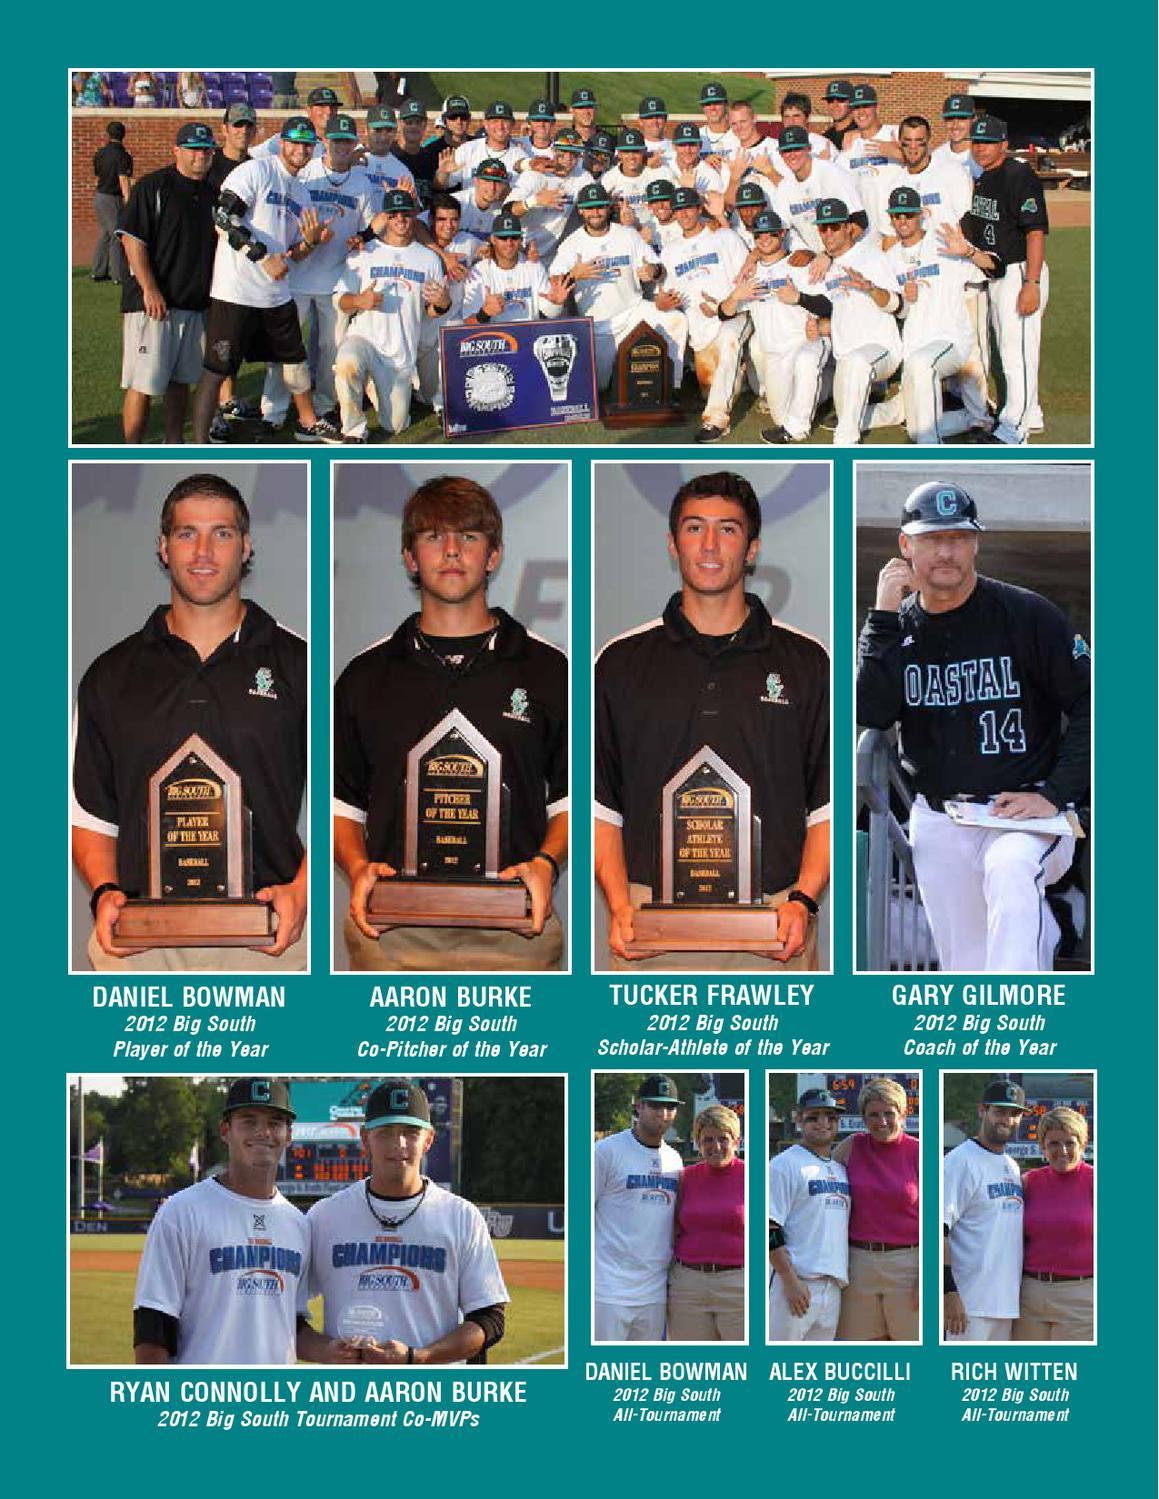 2013 Coastal Carolina Baseball Media Guide by Kevin Davis